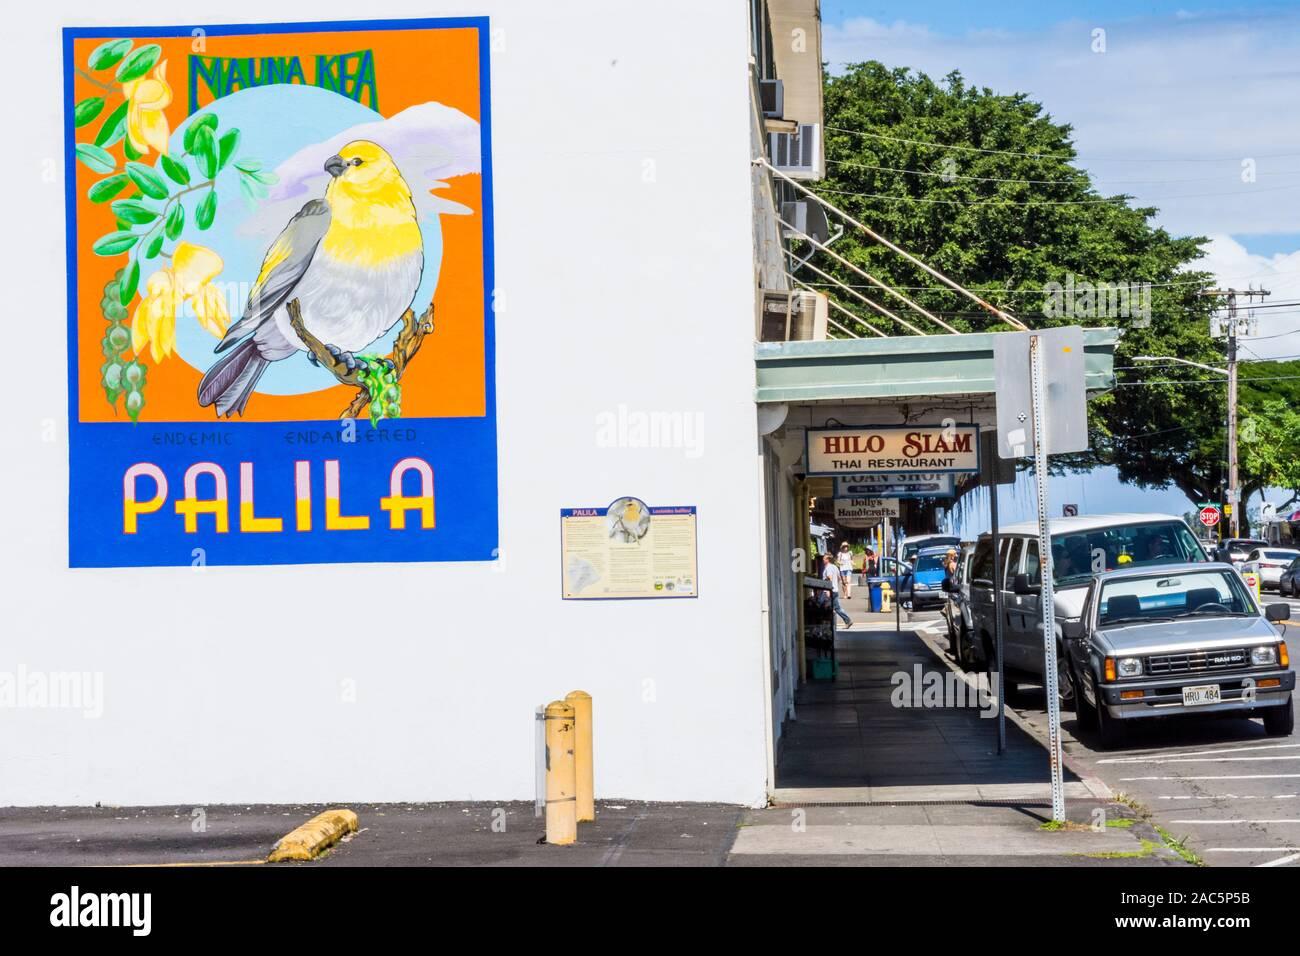 Hermosas obras de arte de los nativos palila aves amenazadas en el lateral de un edificio en el centro de la ciudad de Hilo, la Isla Grande de Hawai'i. Foto de stock